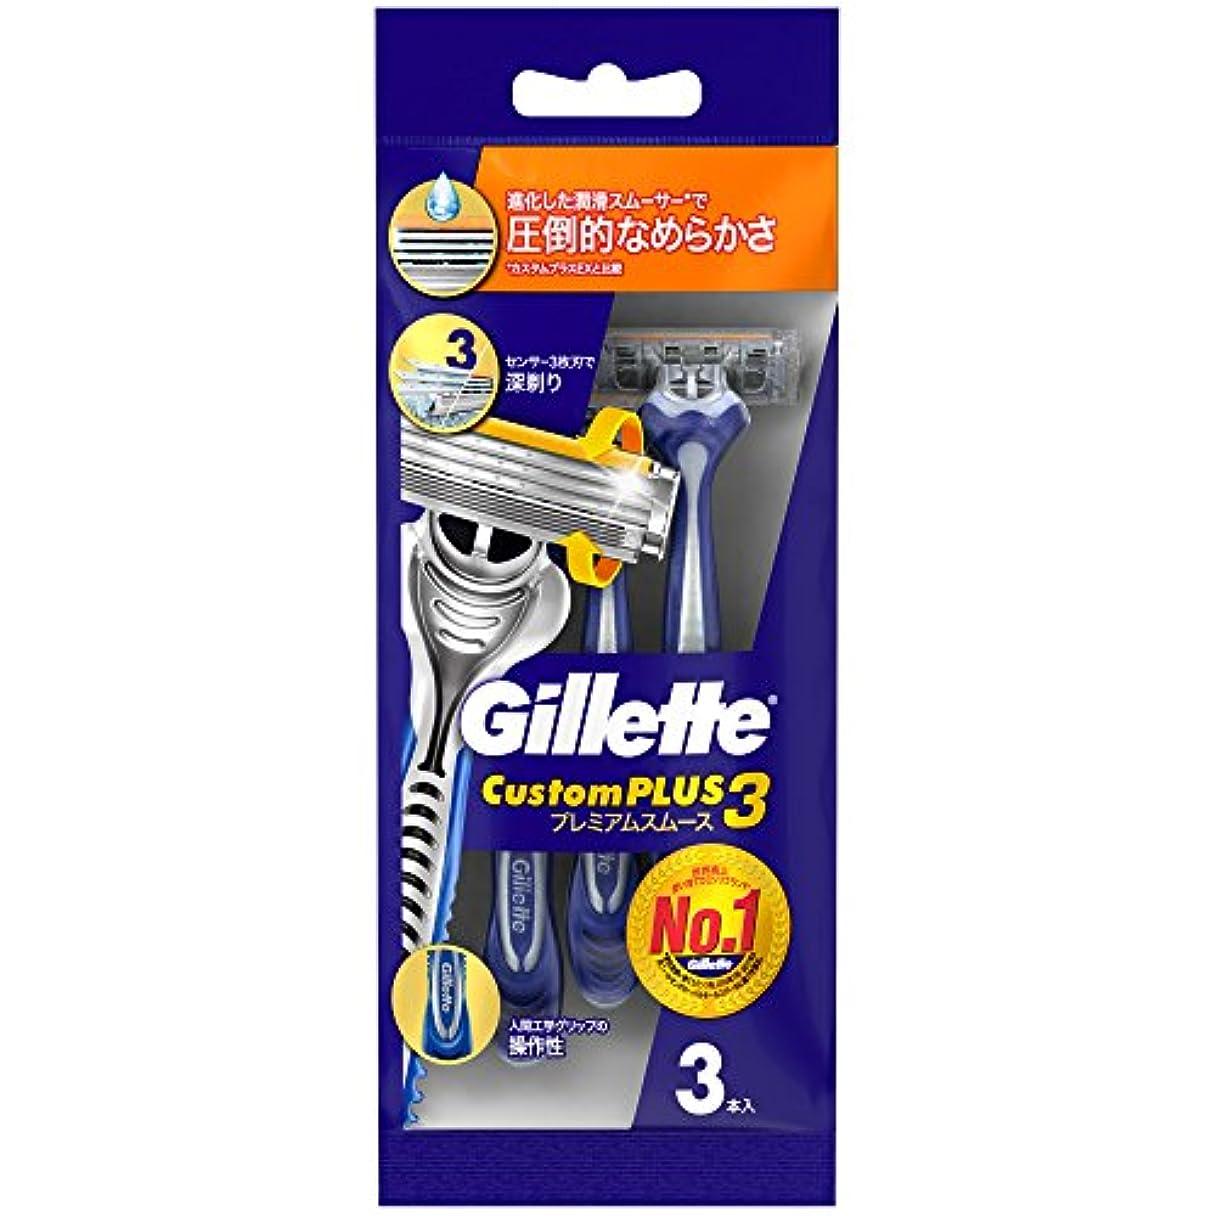 定期的エレクトロニックジョットディボンドンジレット カスタムプラス3 髭剃り プレミアムスムース CP3-PS3 3本入